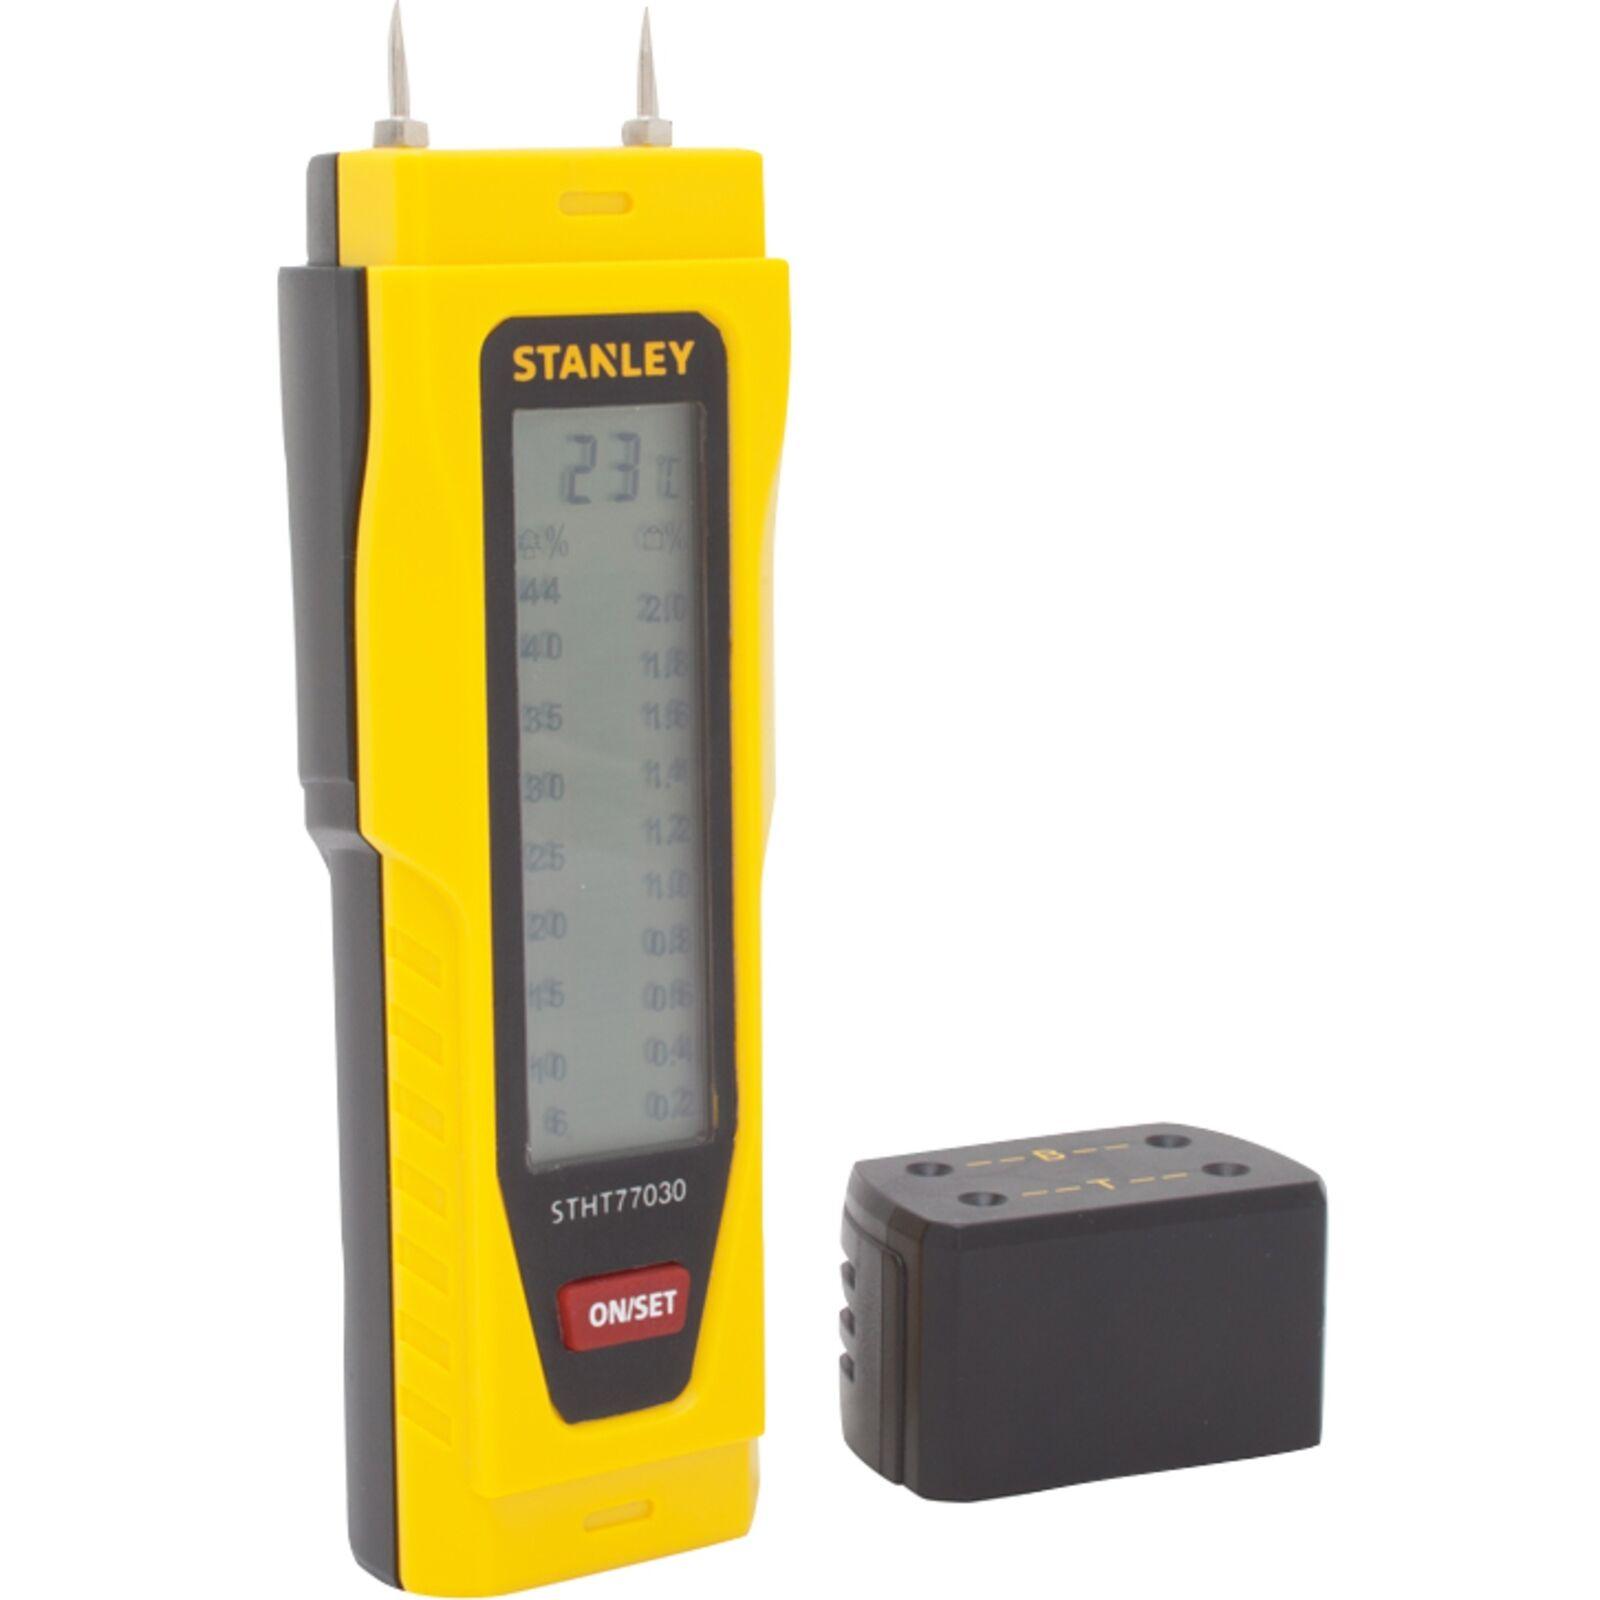 Stanley Feuchtigkeitsmesser (0-77-030), Feuchtemesser, gelb